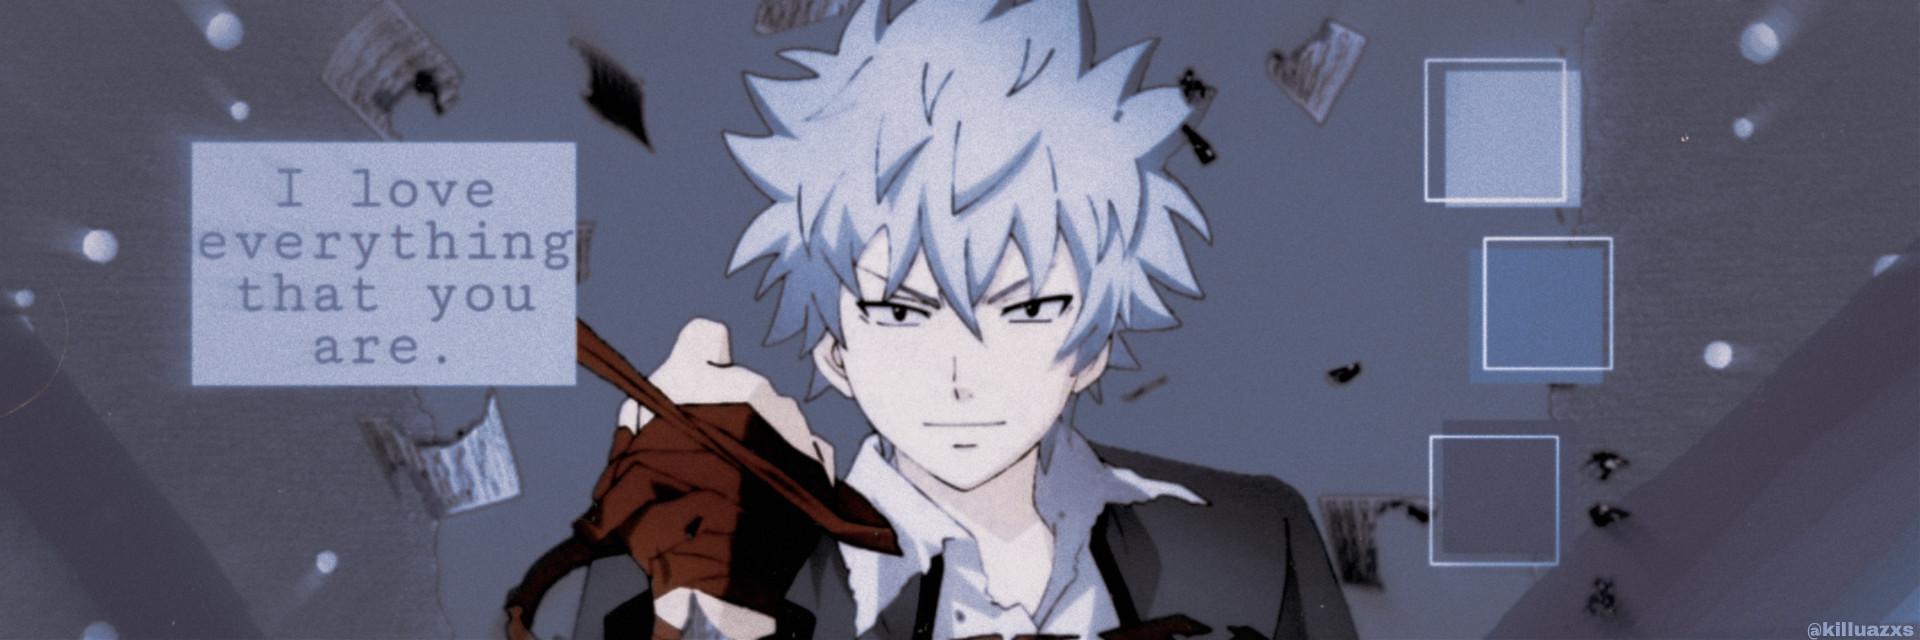 #kaidoshun #kaidoushun #kaidoushunedits #header #twitterheader #animeboy #animeheader #sakikusuo #saikikusuonopsinan #kaidouheader